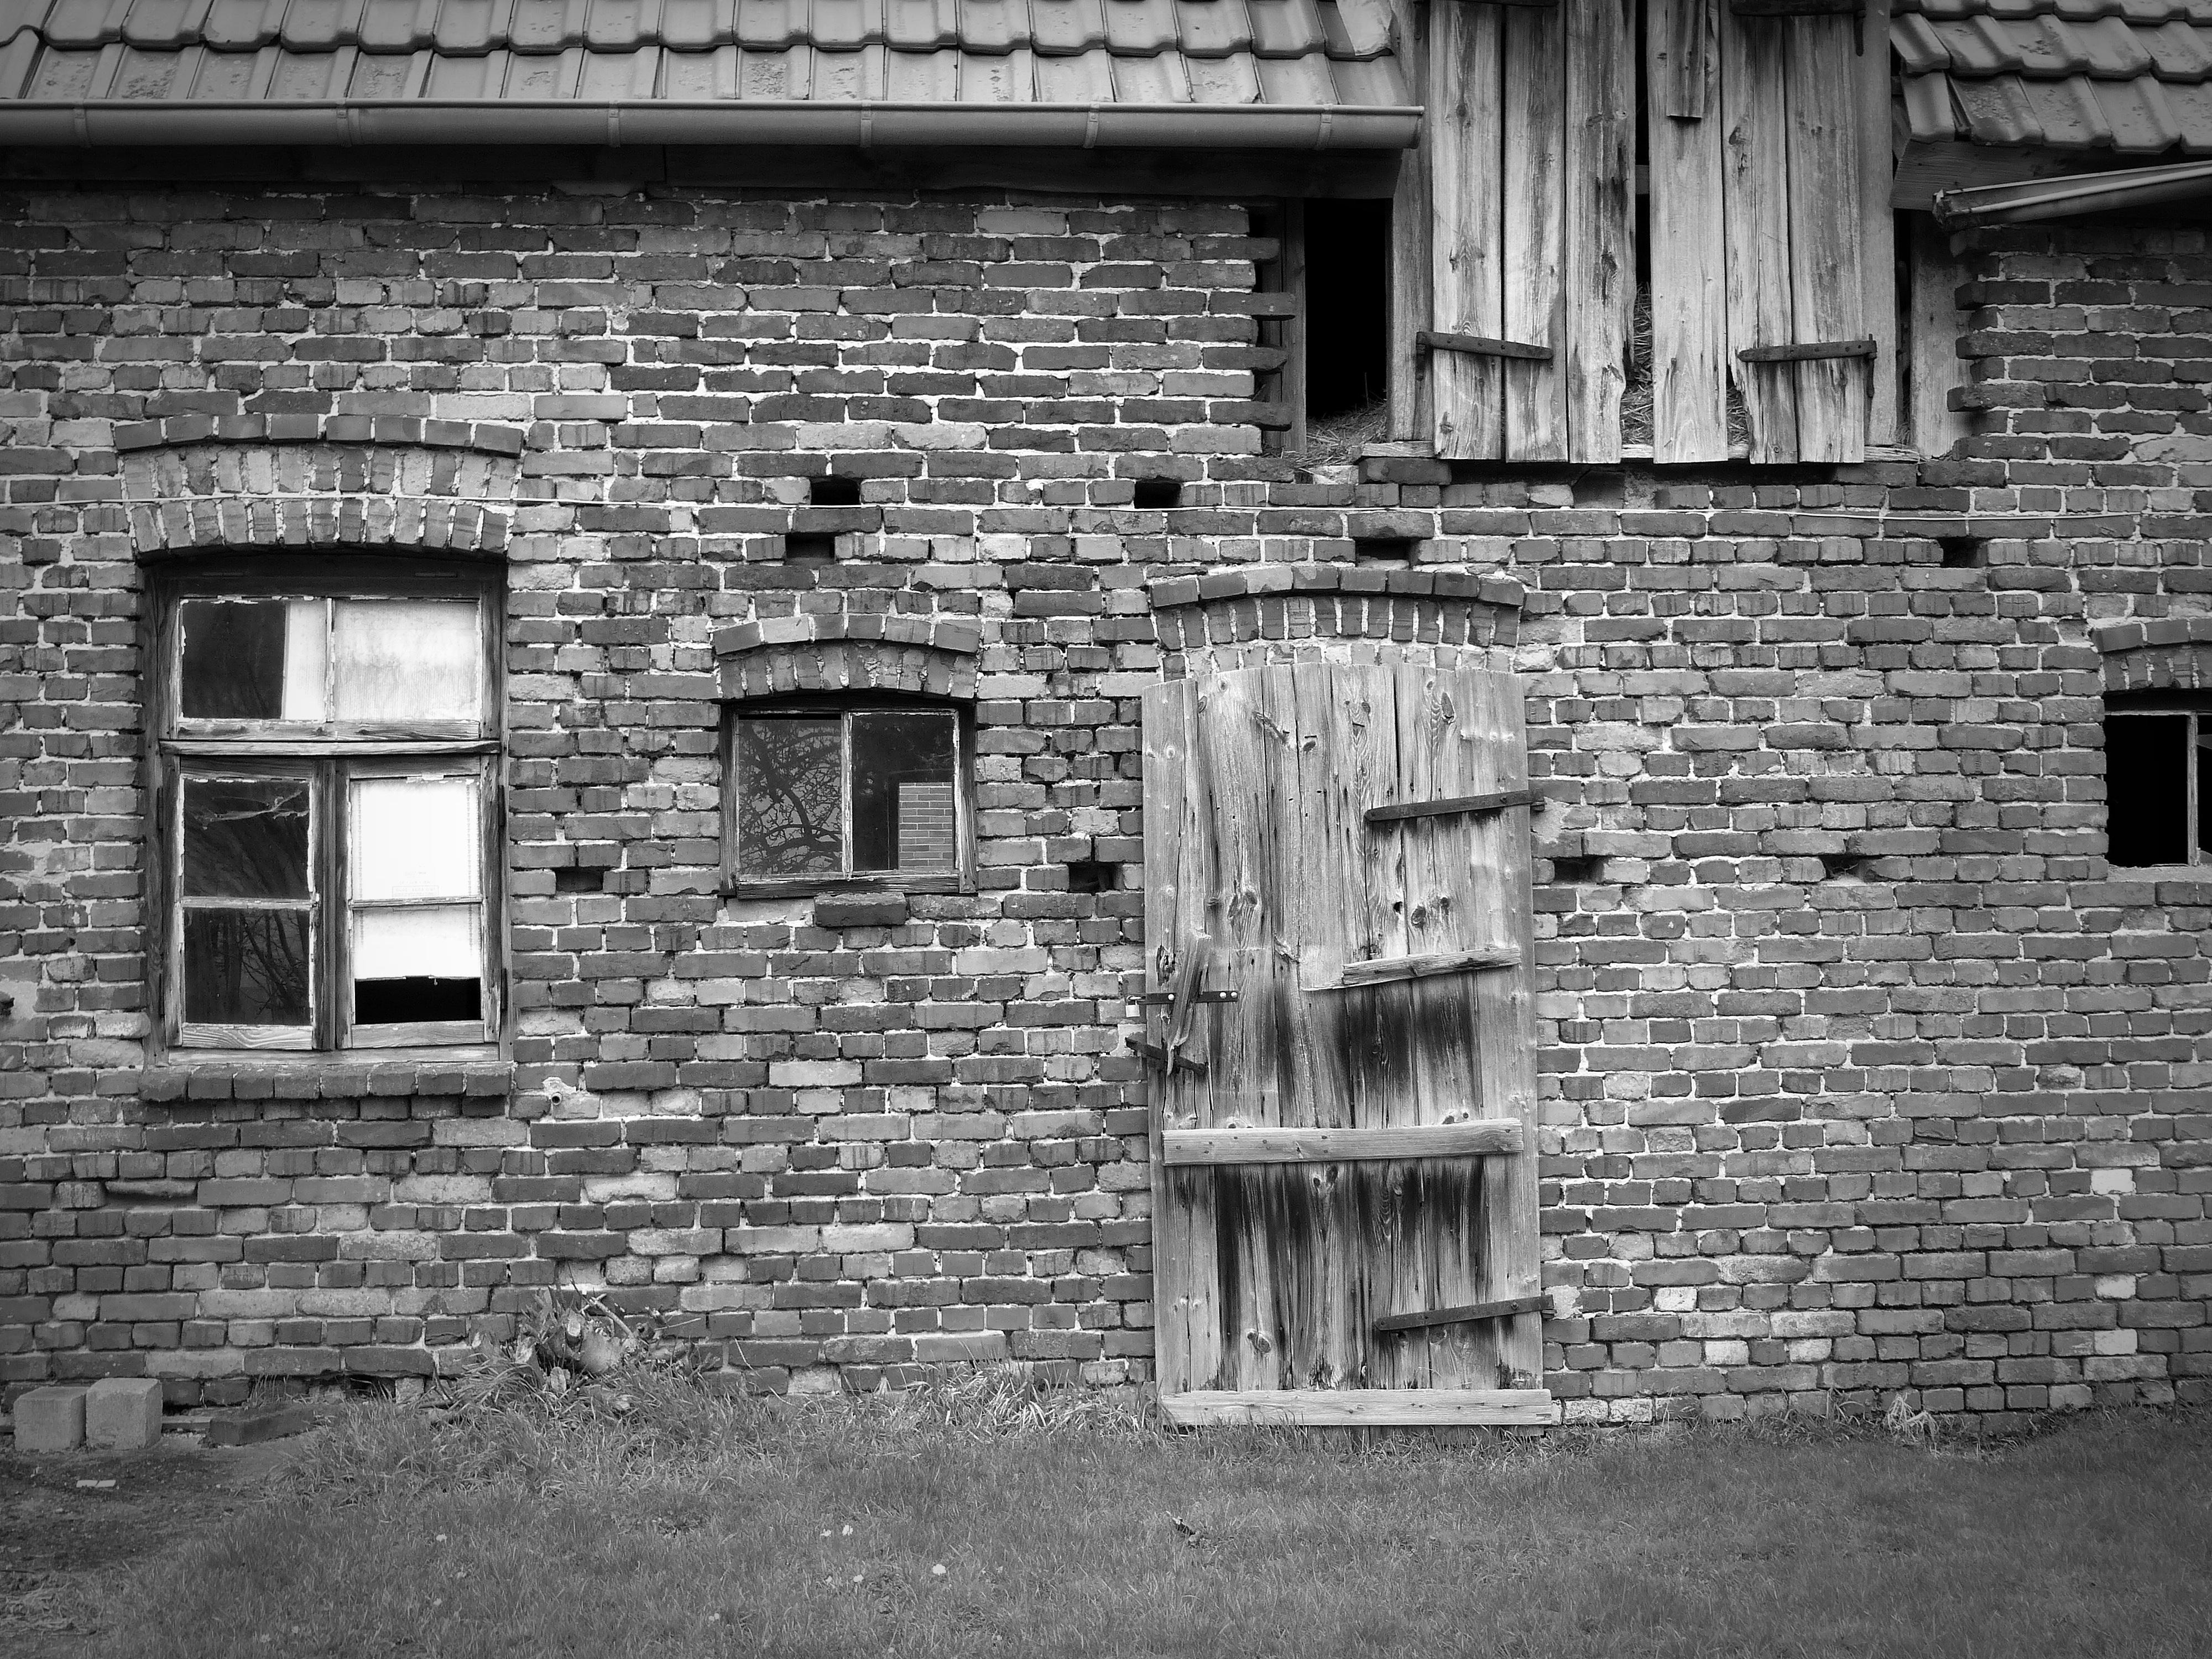 Fotos gratis : en blanco y negro, madera, calle, casa, ventana ...